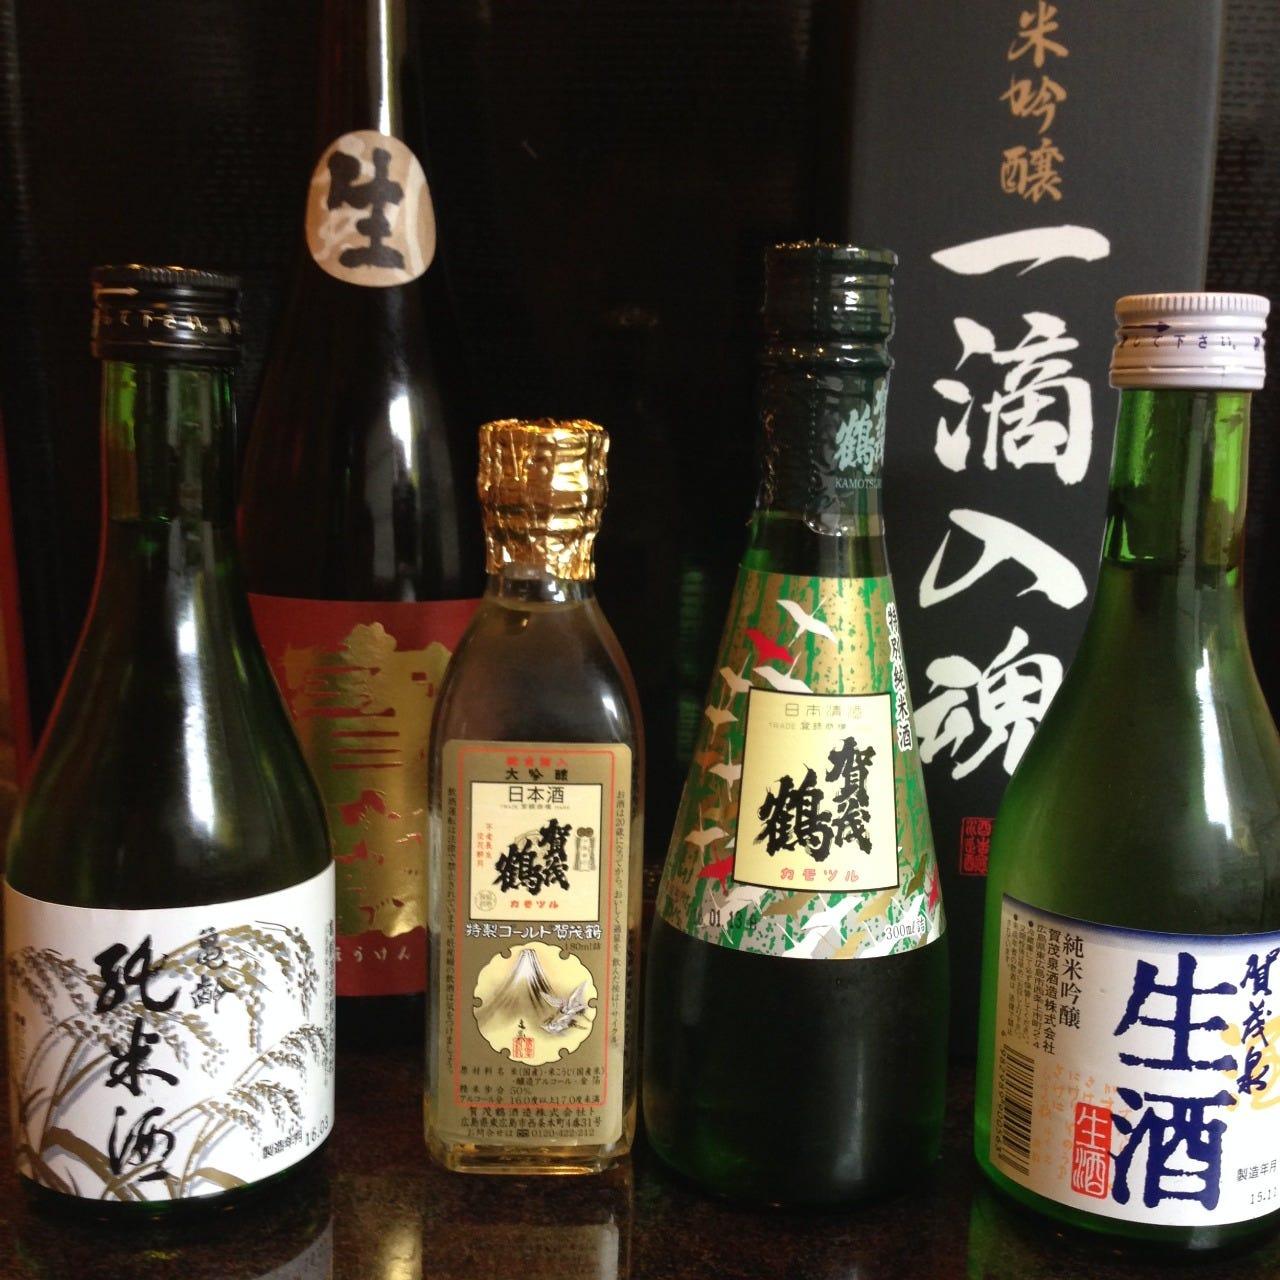 おすすめの広島地酒をご用意